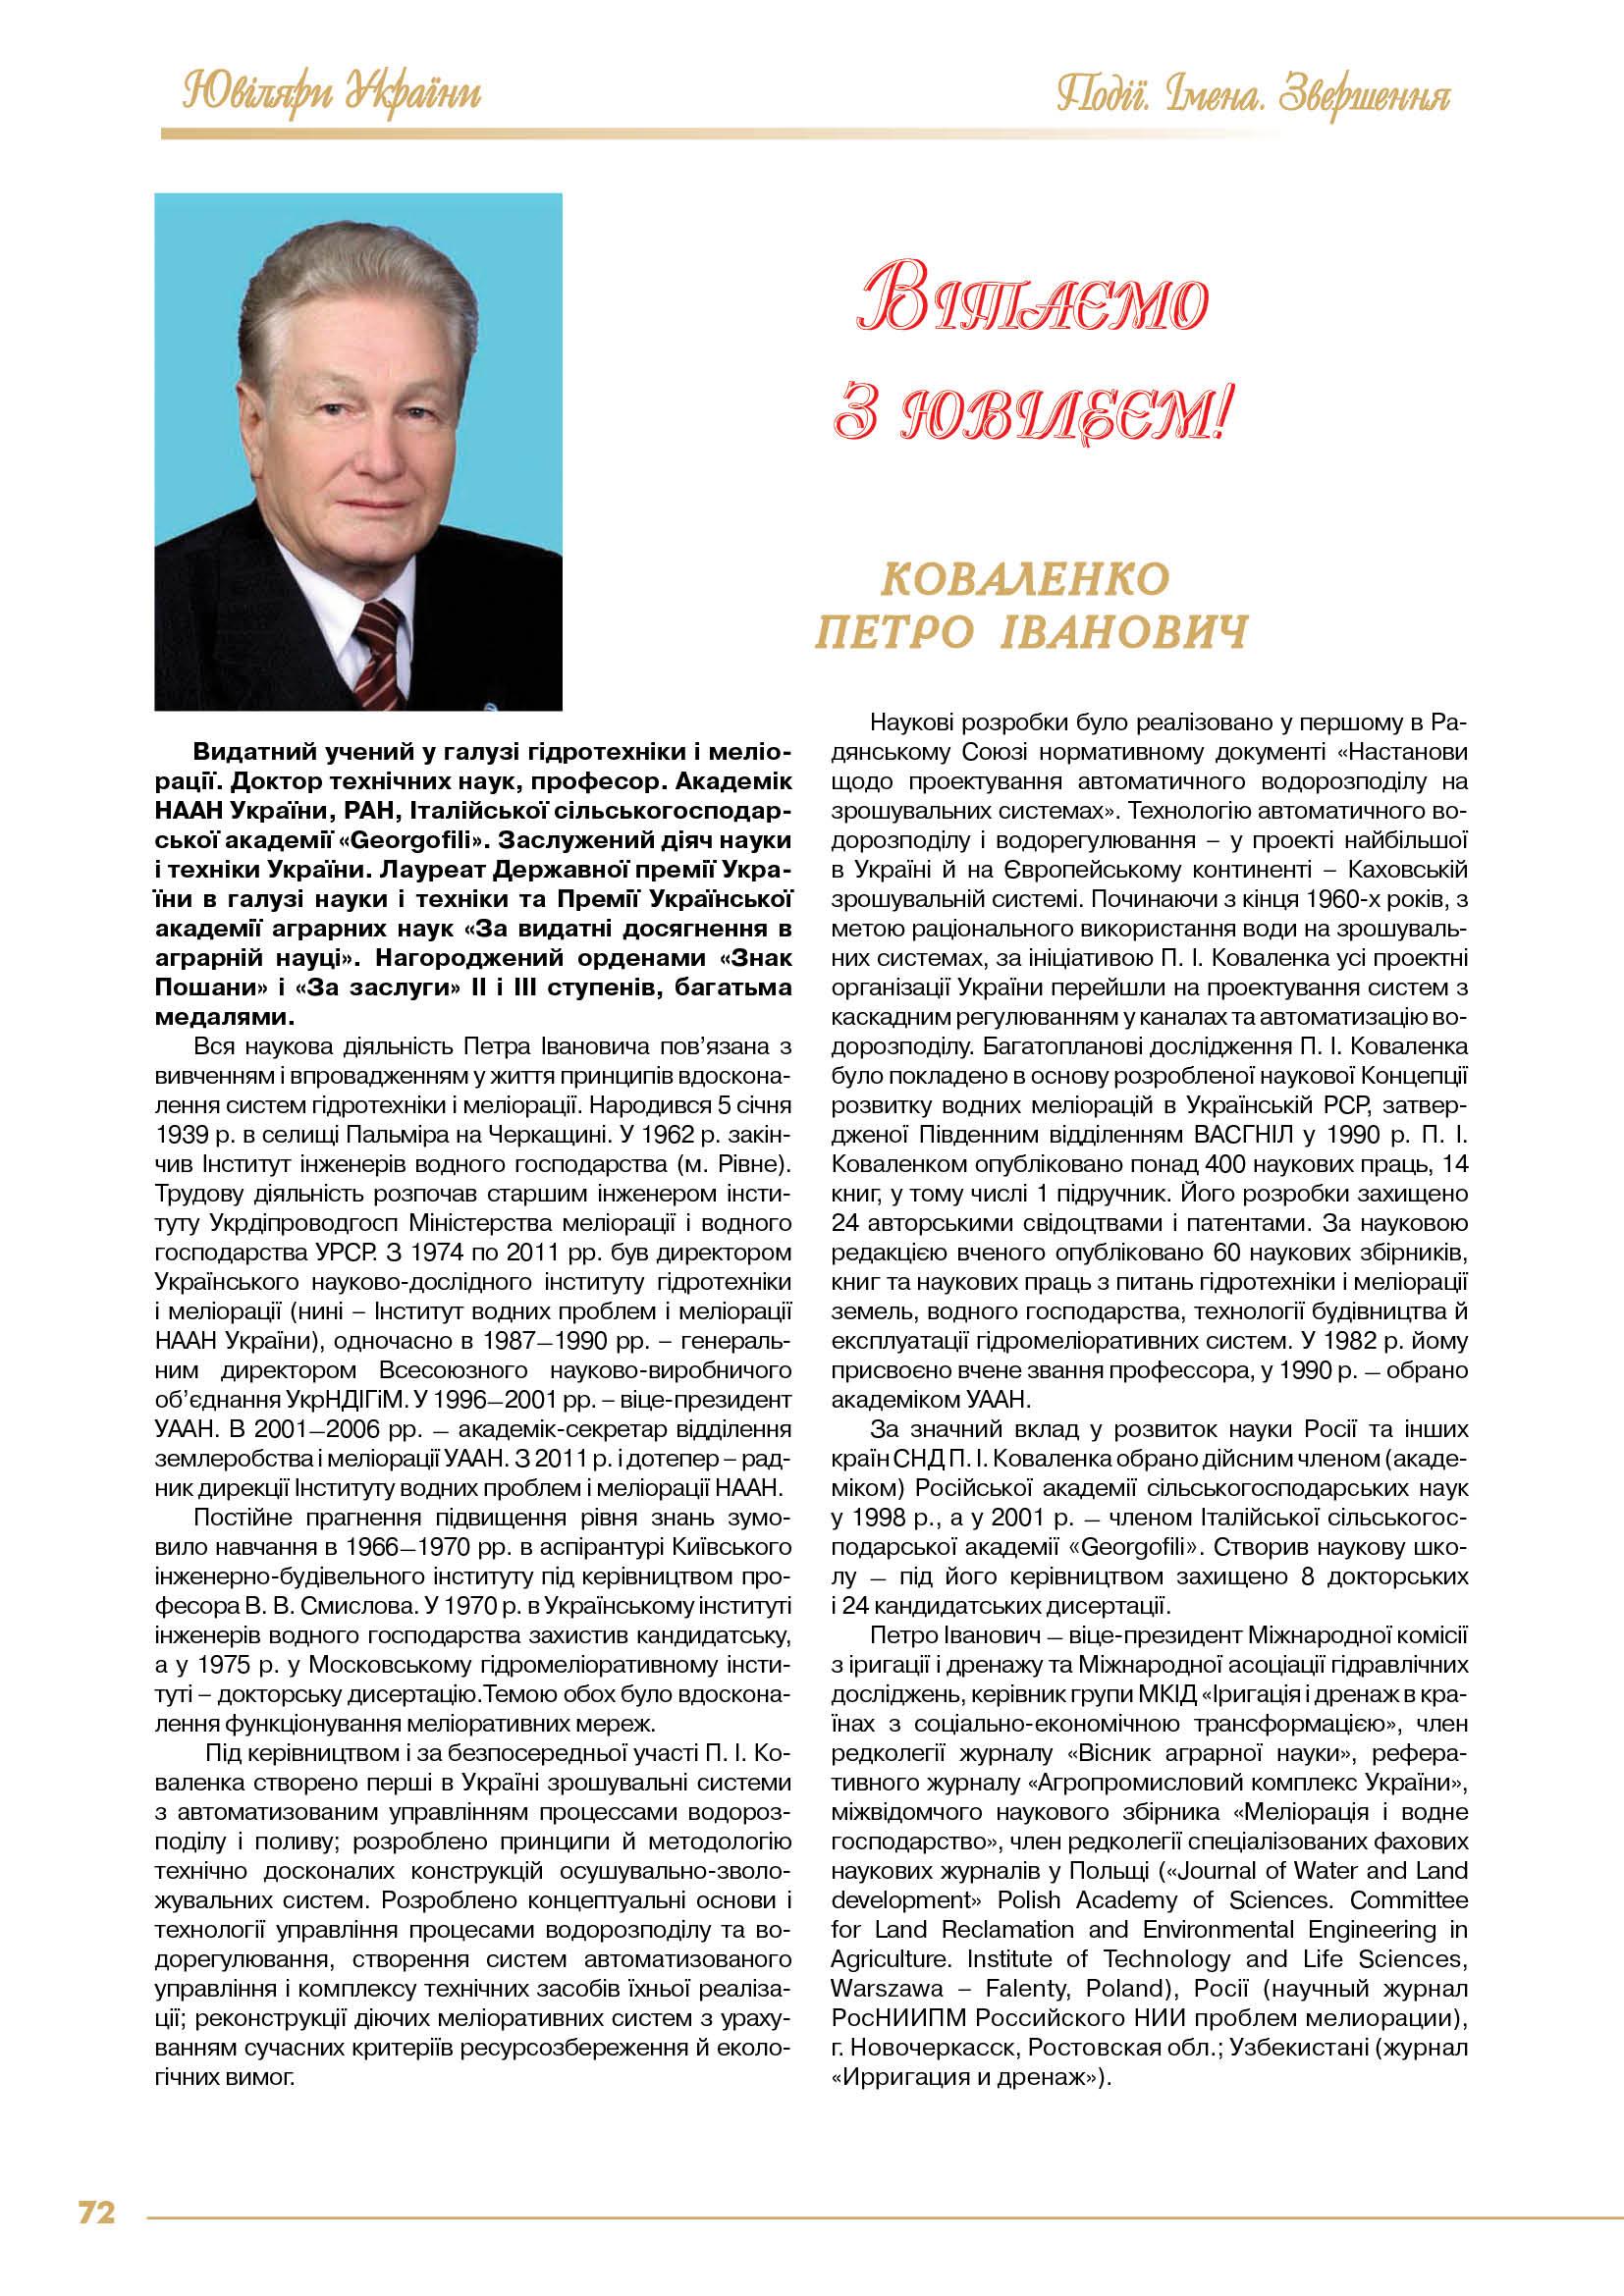 Коваленко Петро Іванович